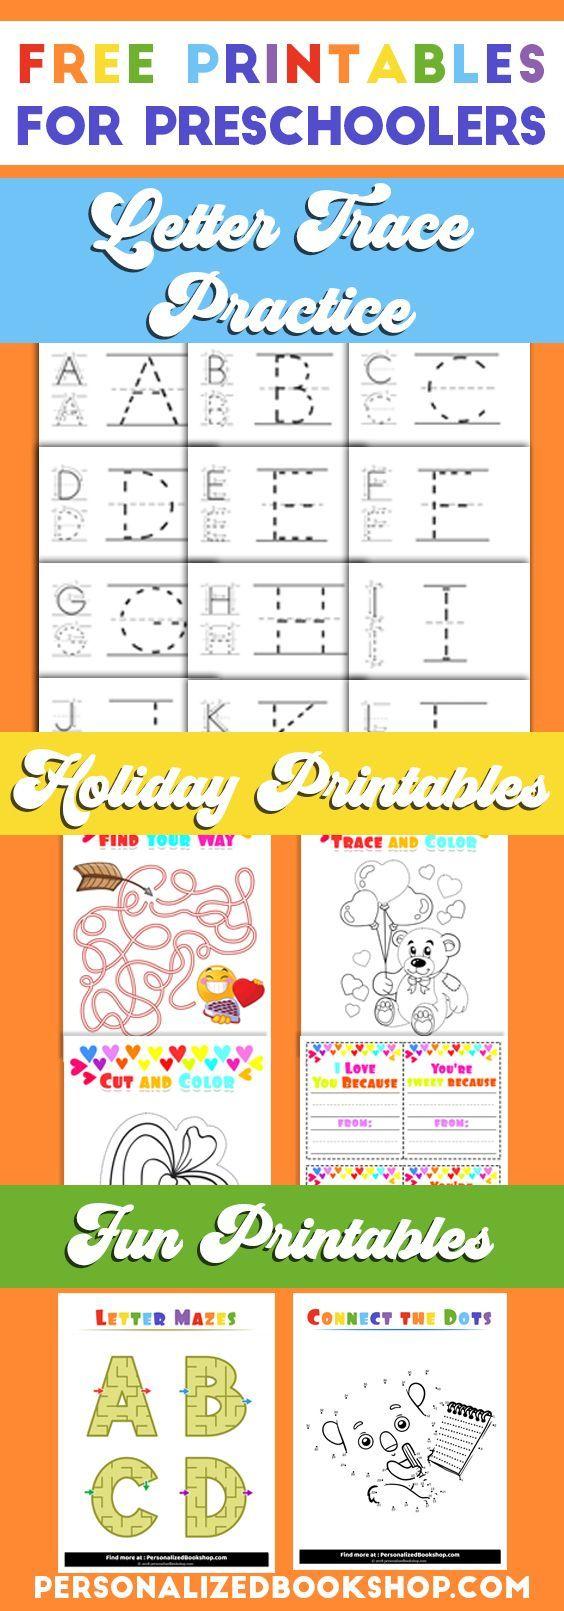 Free Printable Preschool Worksheets Tracing Letters Preschool